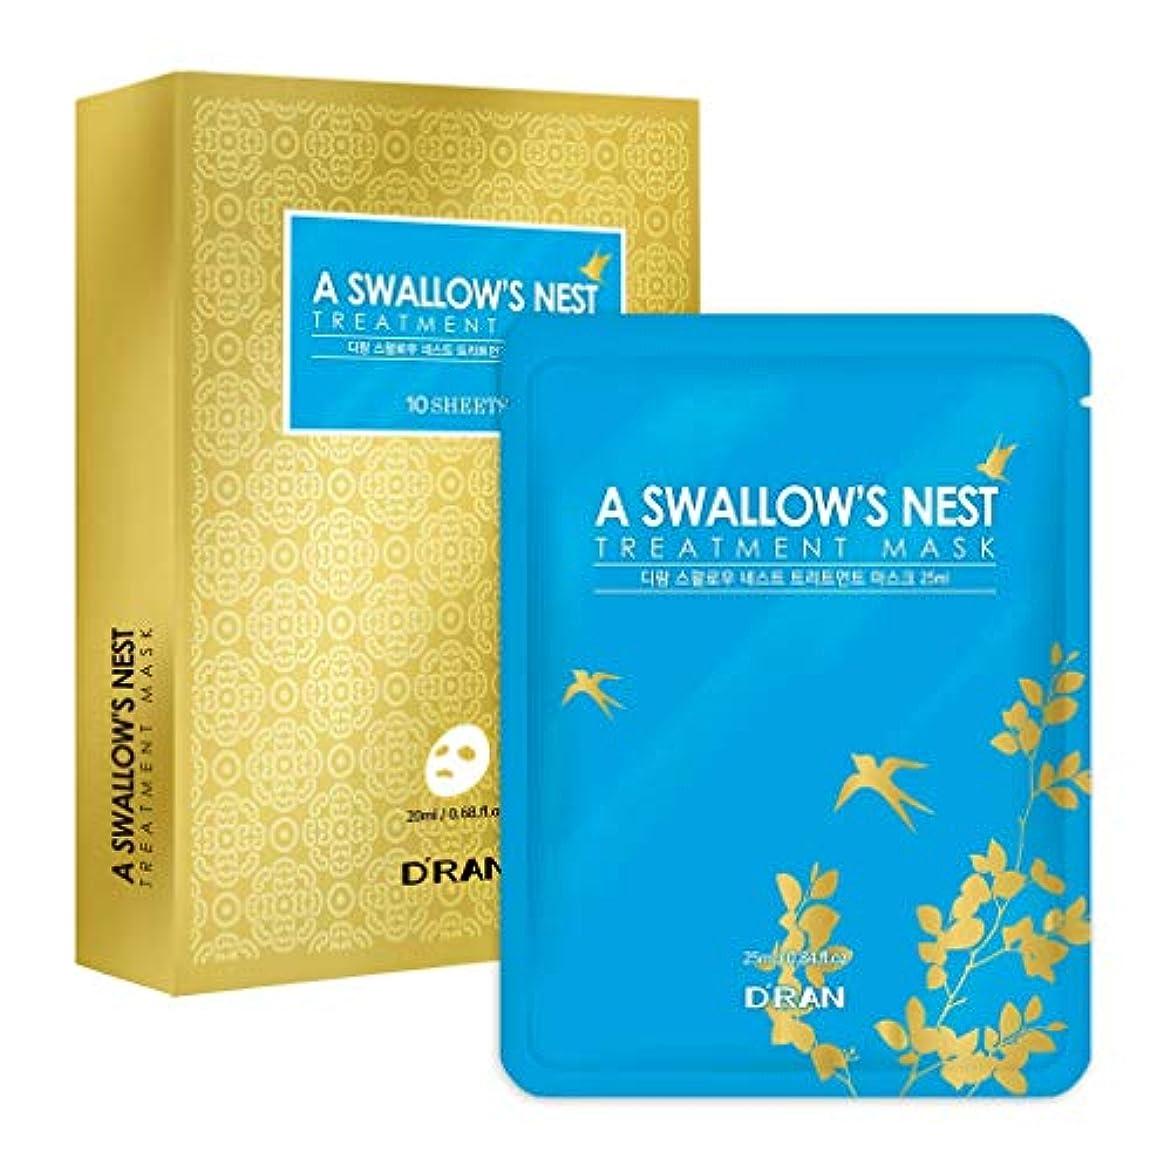 ガイダンスクモまでNew A Swallow's Nest Treatment Mask (1set_10pcs)